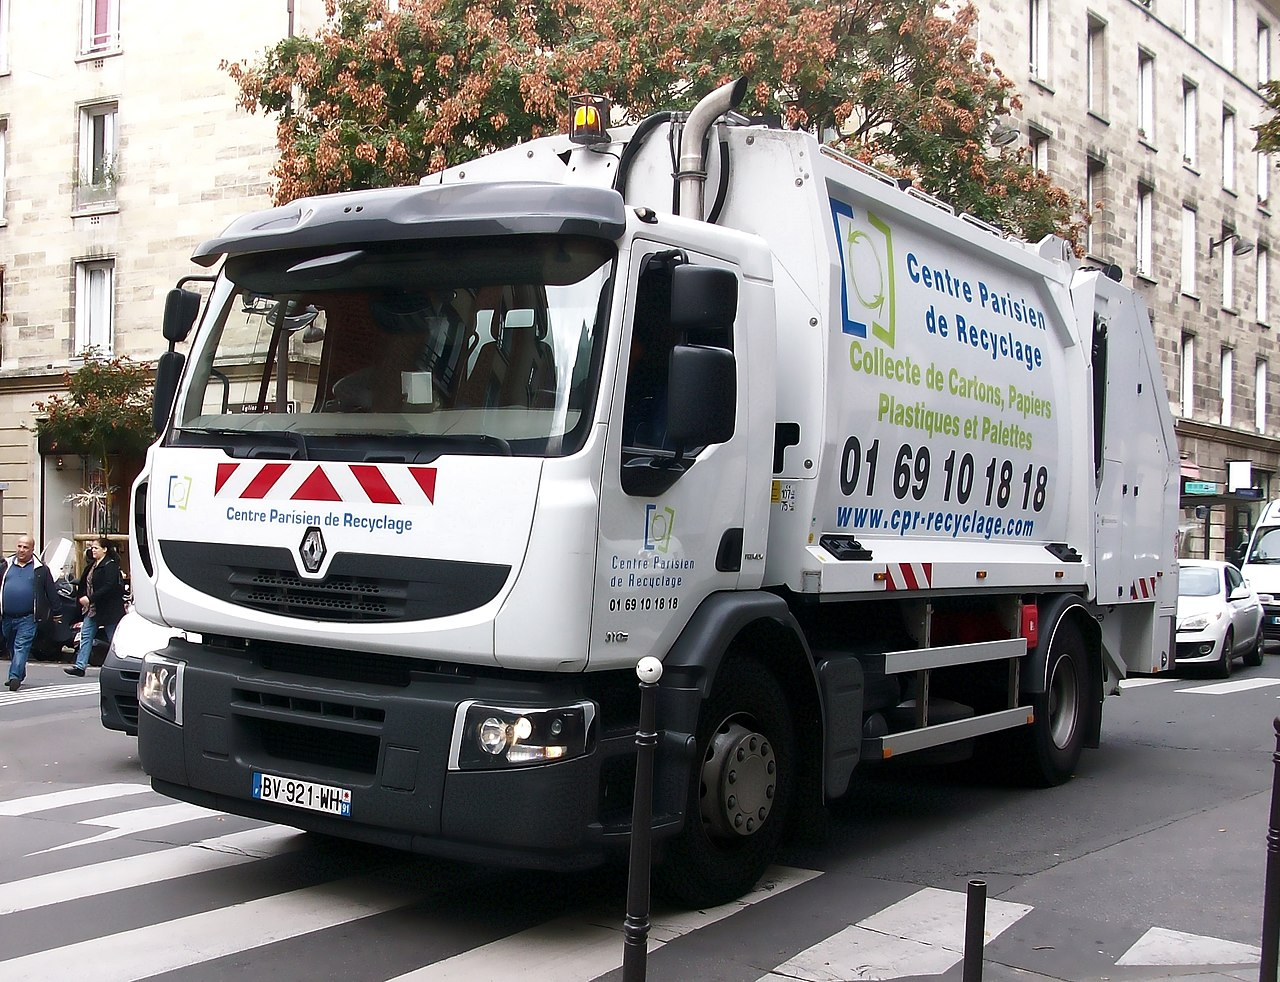 FileRenault Premium camion poubelle ParisJPG  Wikimedia Commons